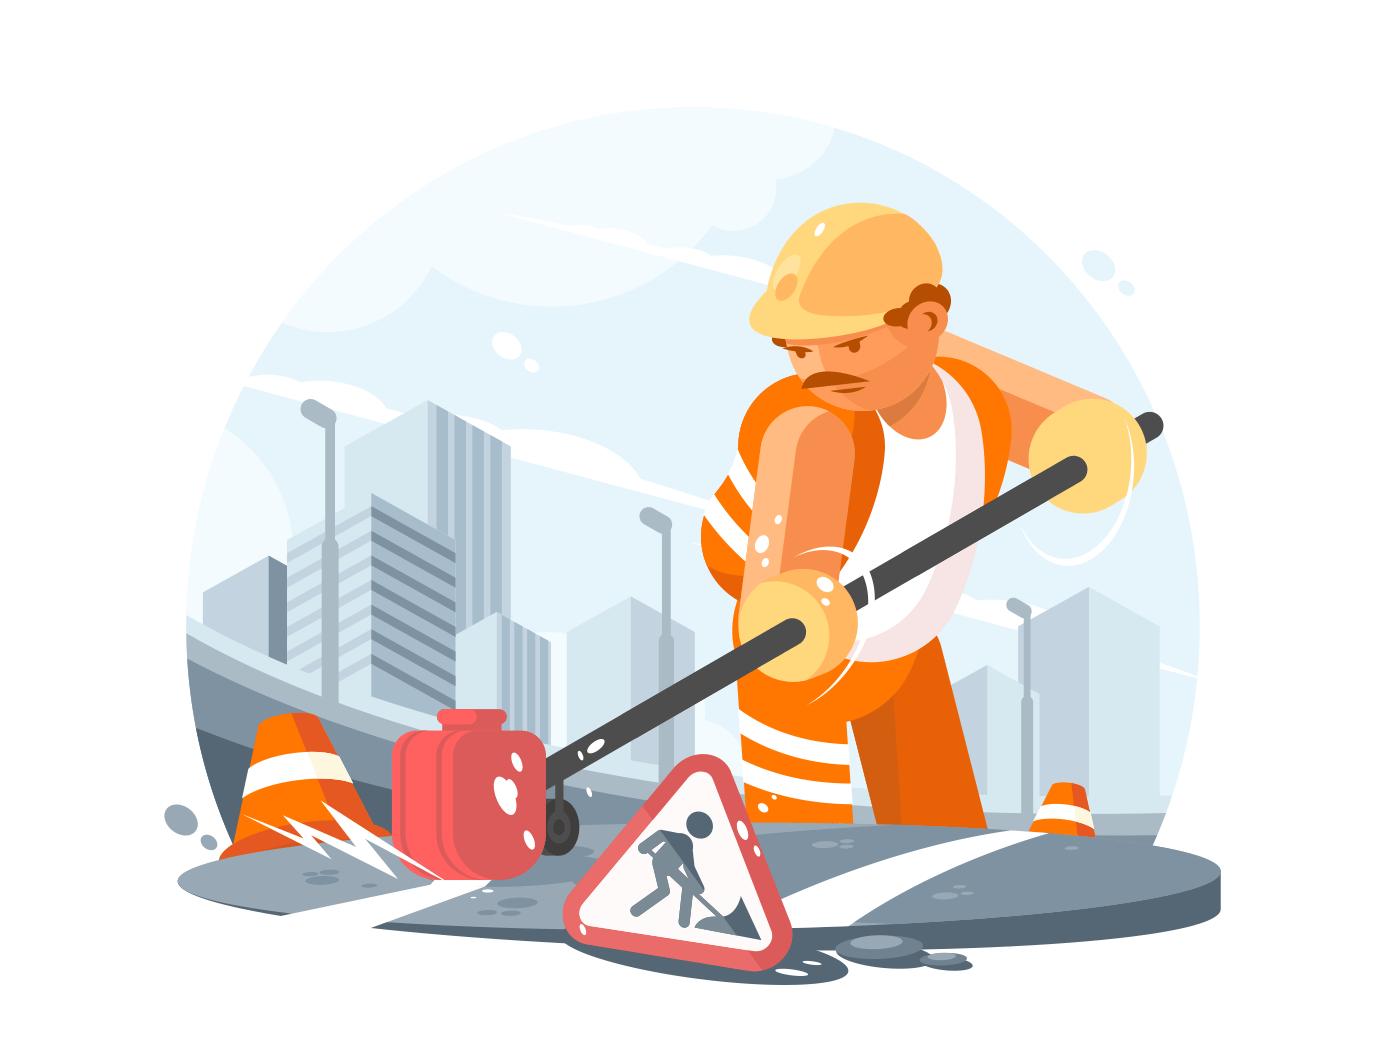 Road service worker illustration